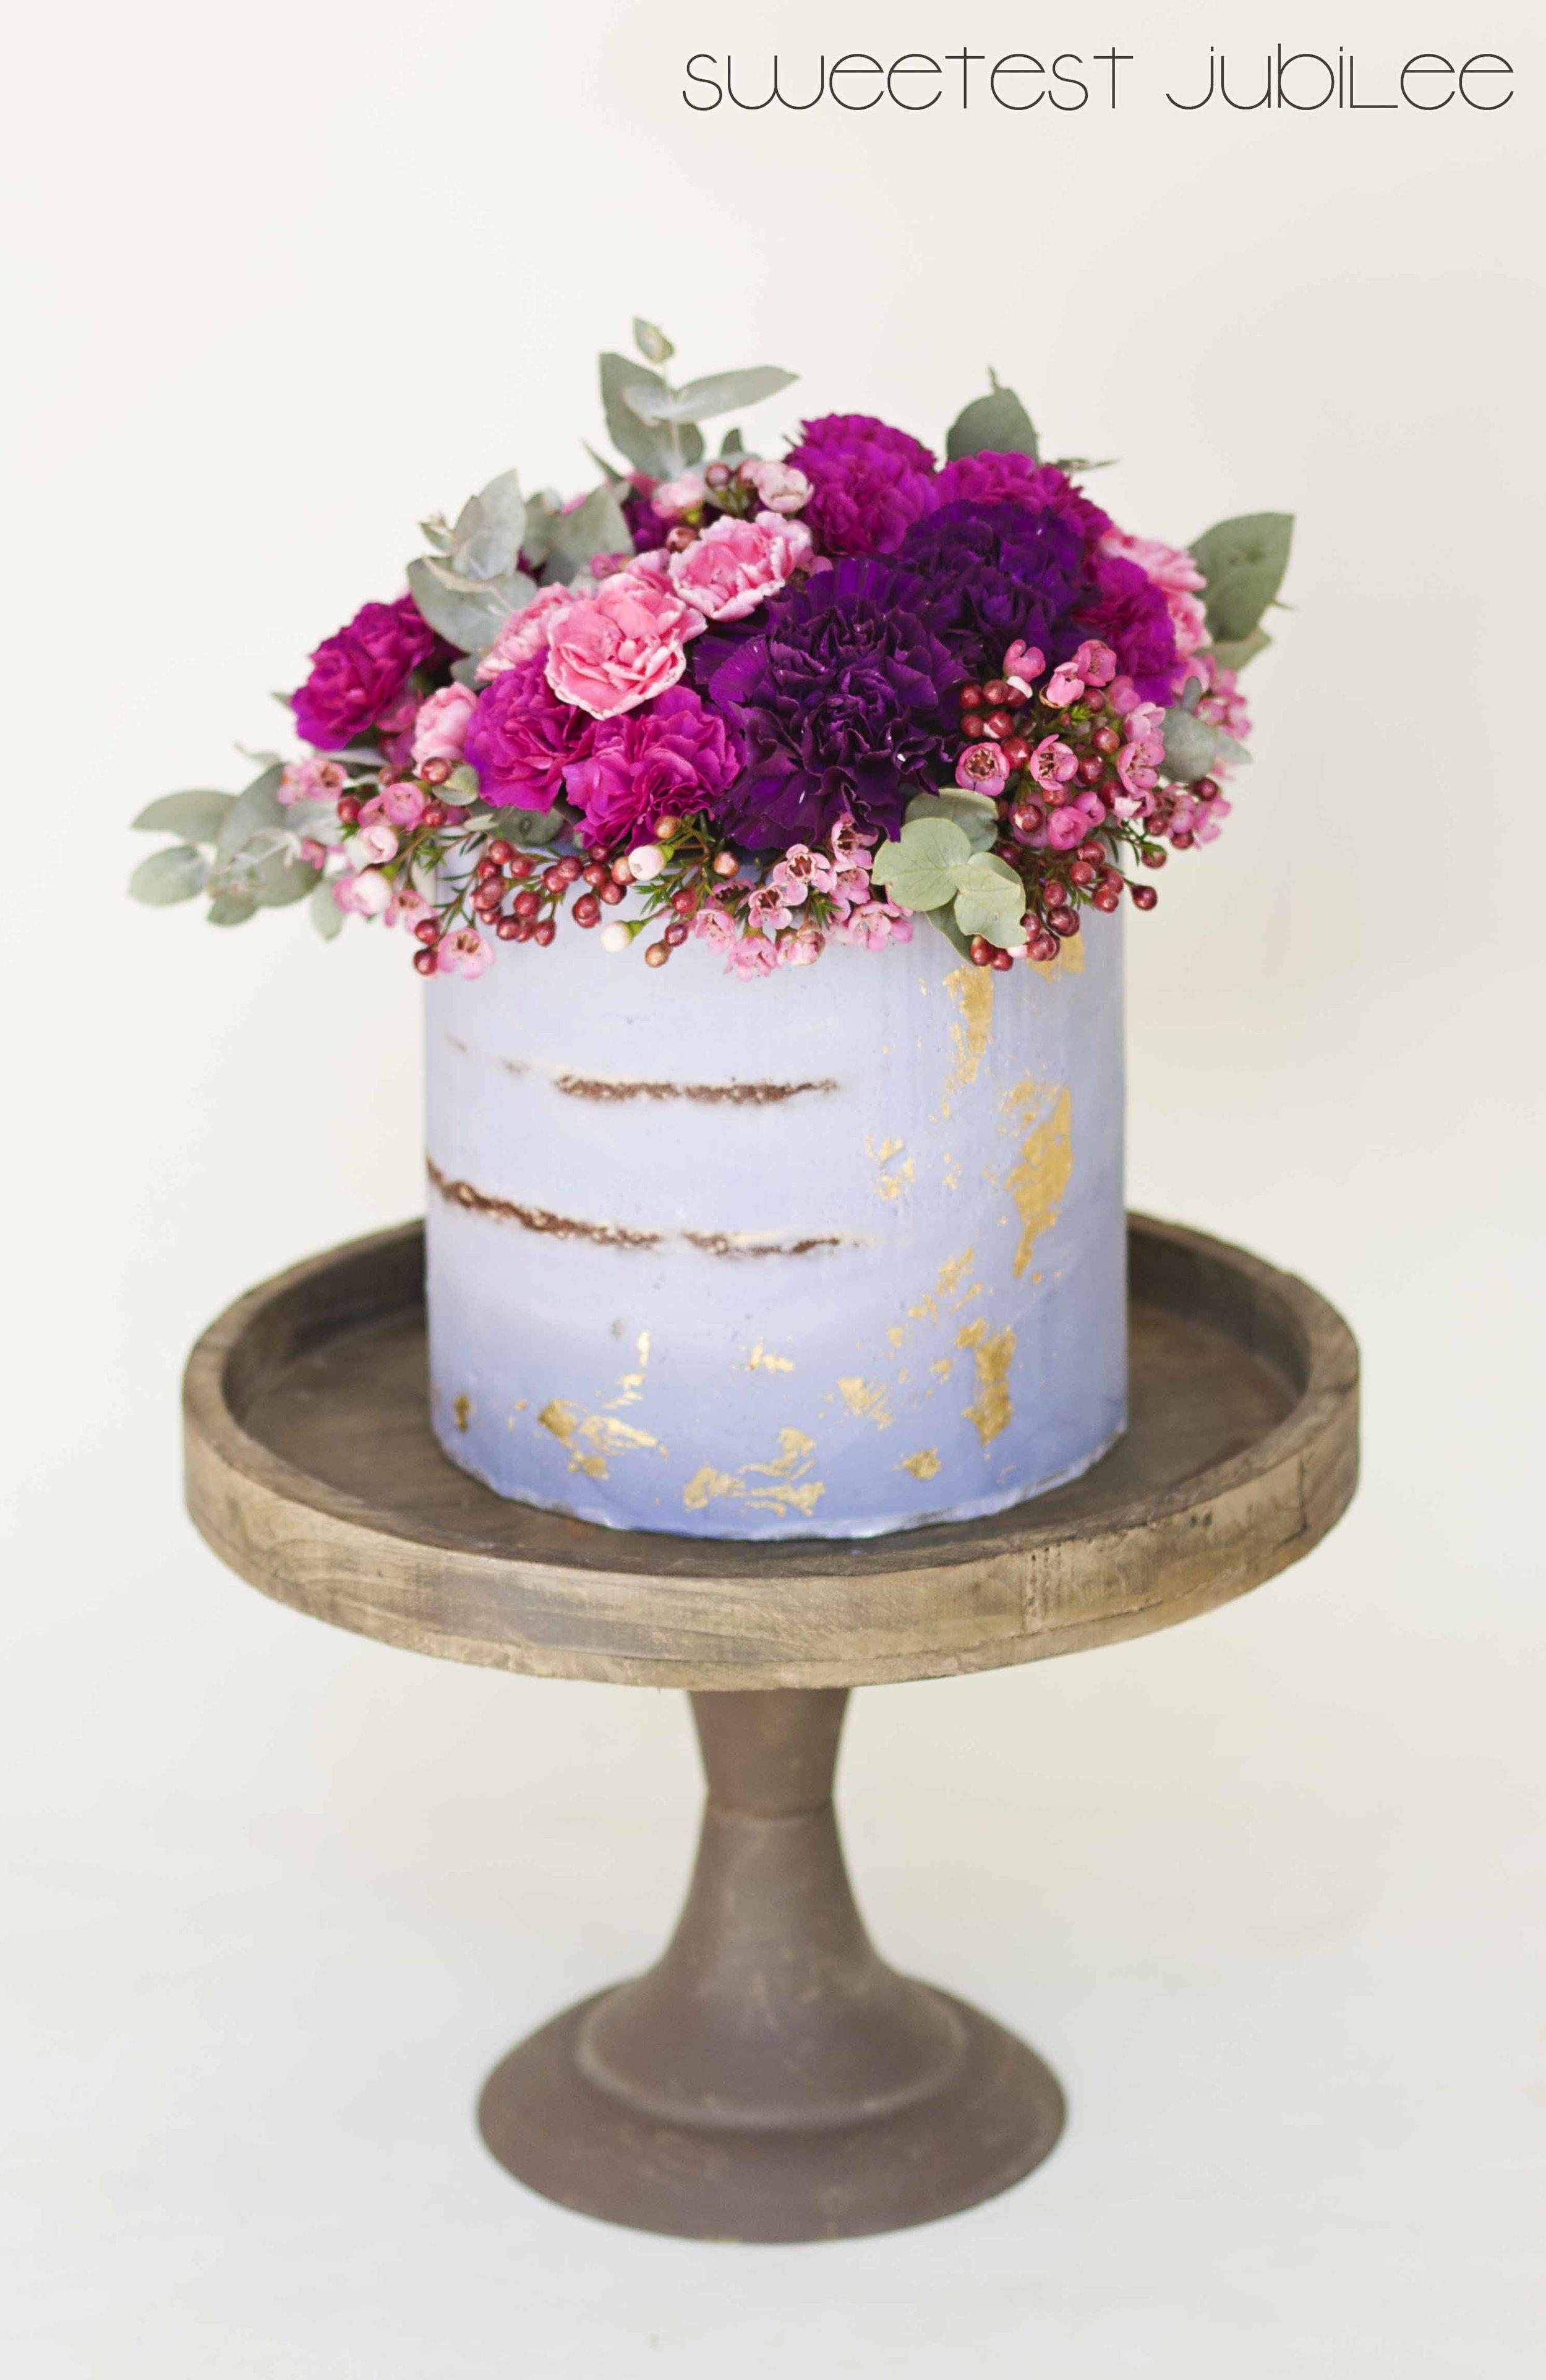 Pams cake.jpg